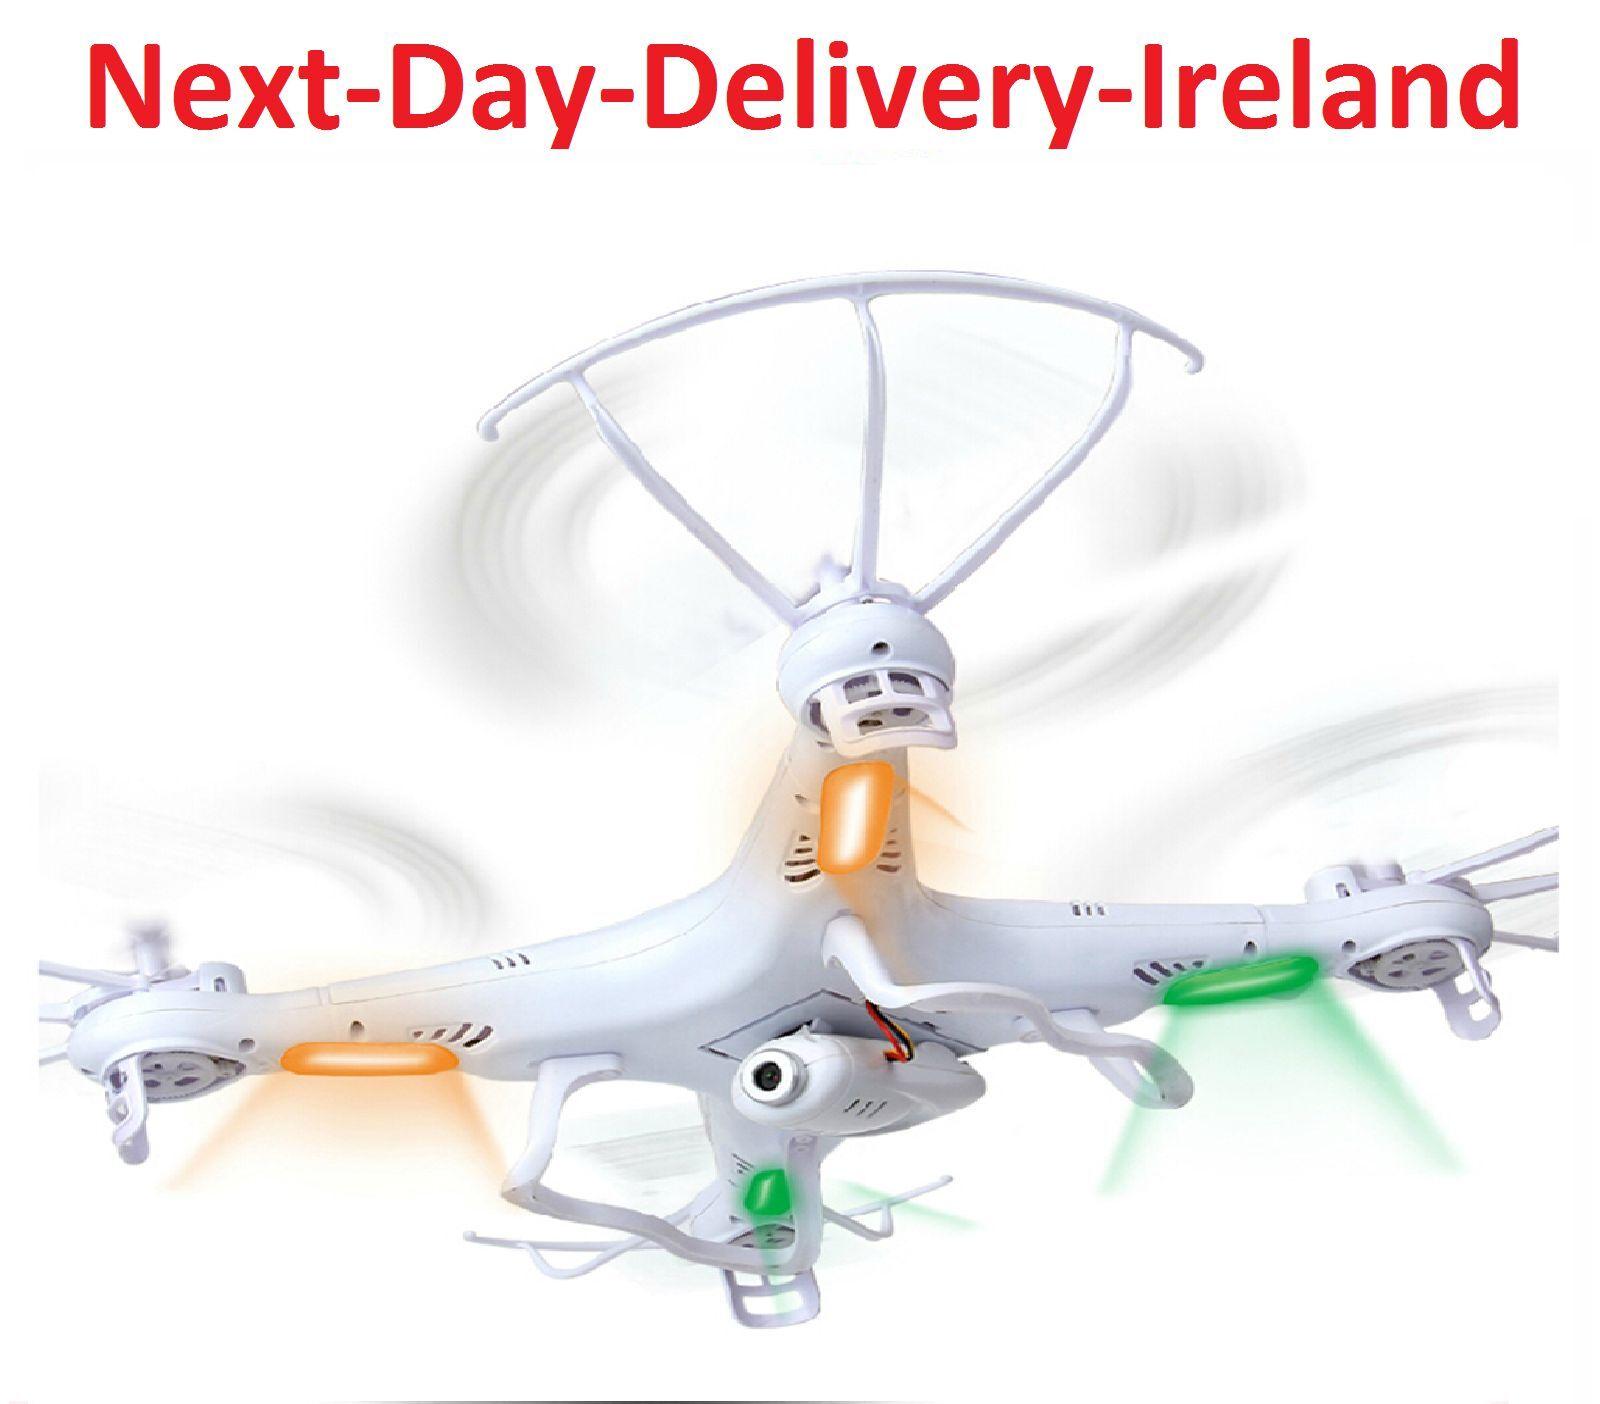 fabbrica diretta Nuovo Nuovo Nuovo X5C-1 2.4Ghz 6-Axis Gyro RC Quadcopter Drone FLY UAV RTF UFO 2MP HD telecamera  migliore offerta